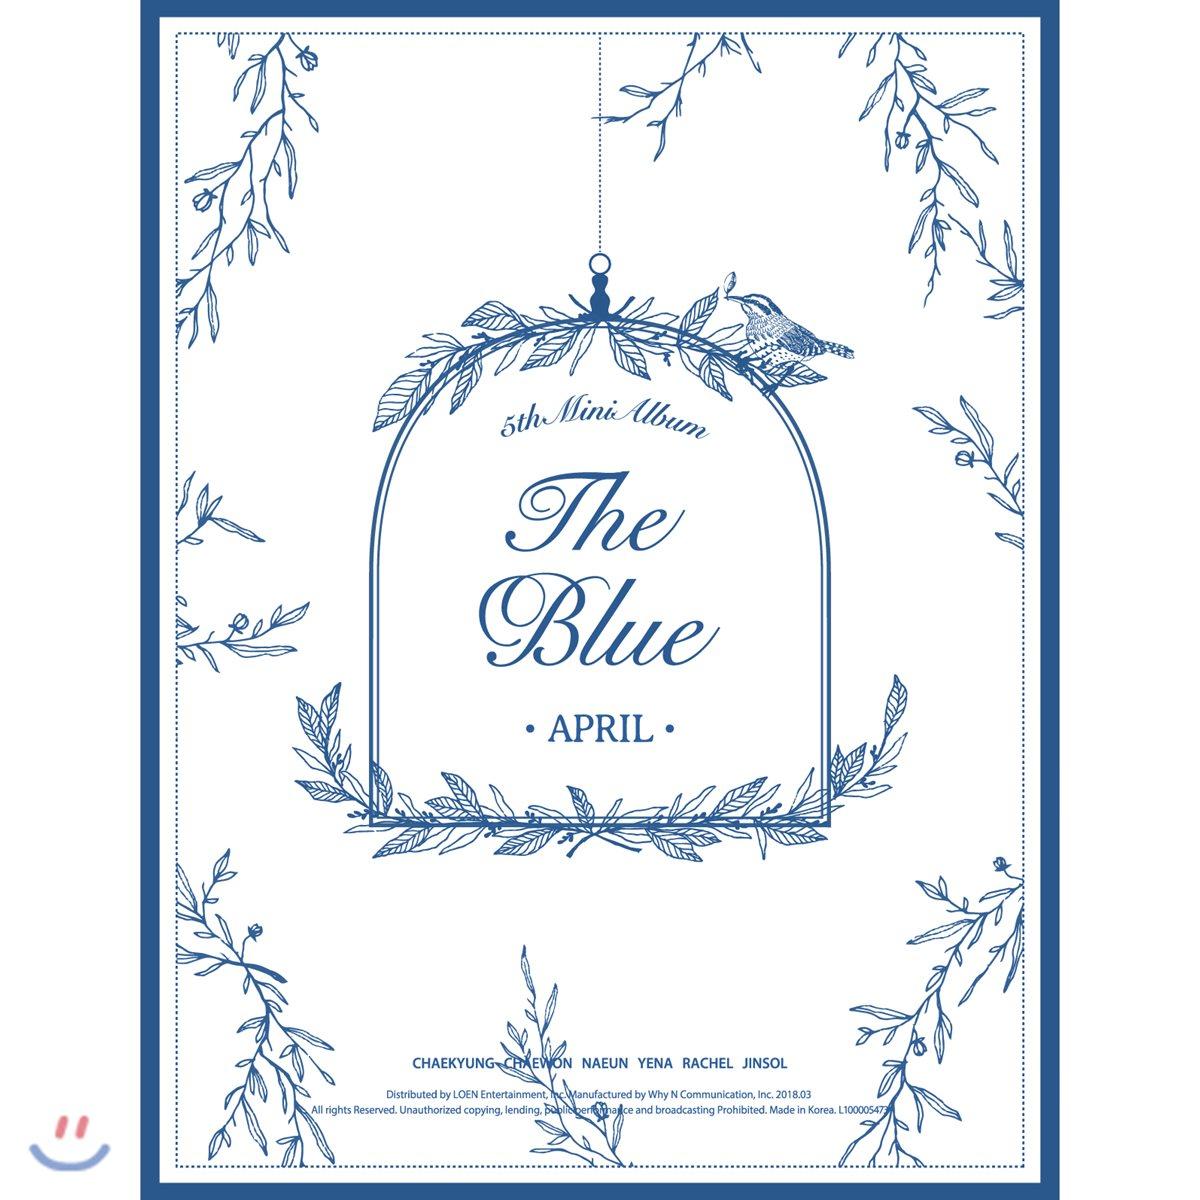 에이프릴 (April) - 미니앨범 5집 : The Blue